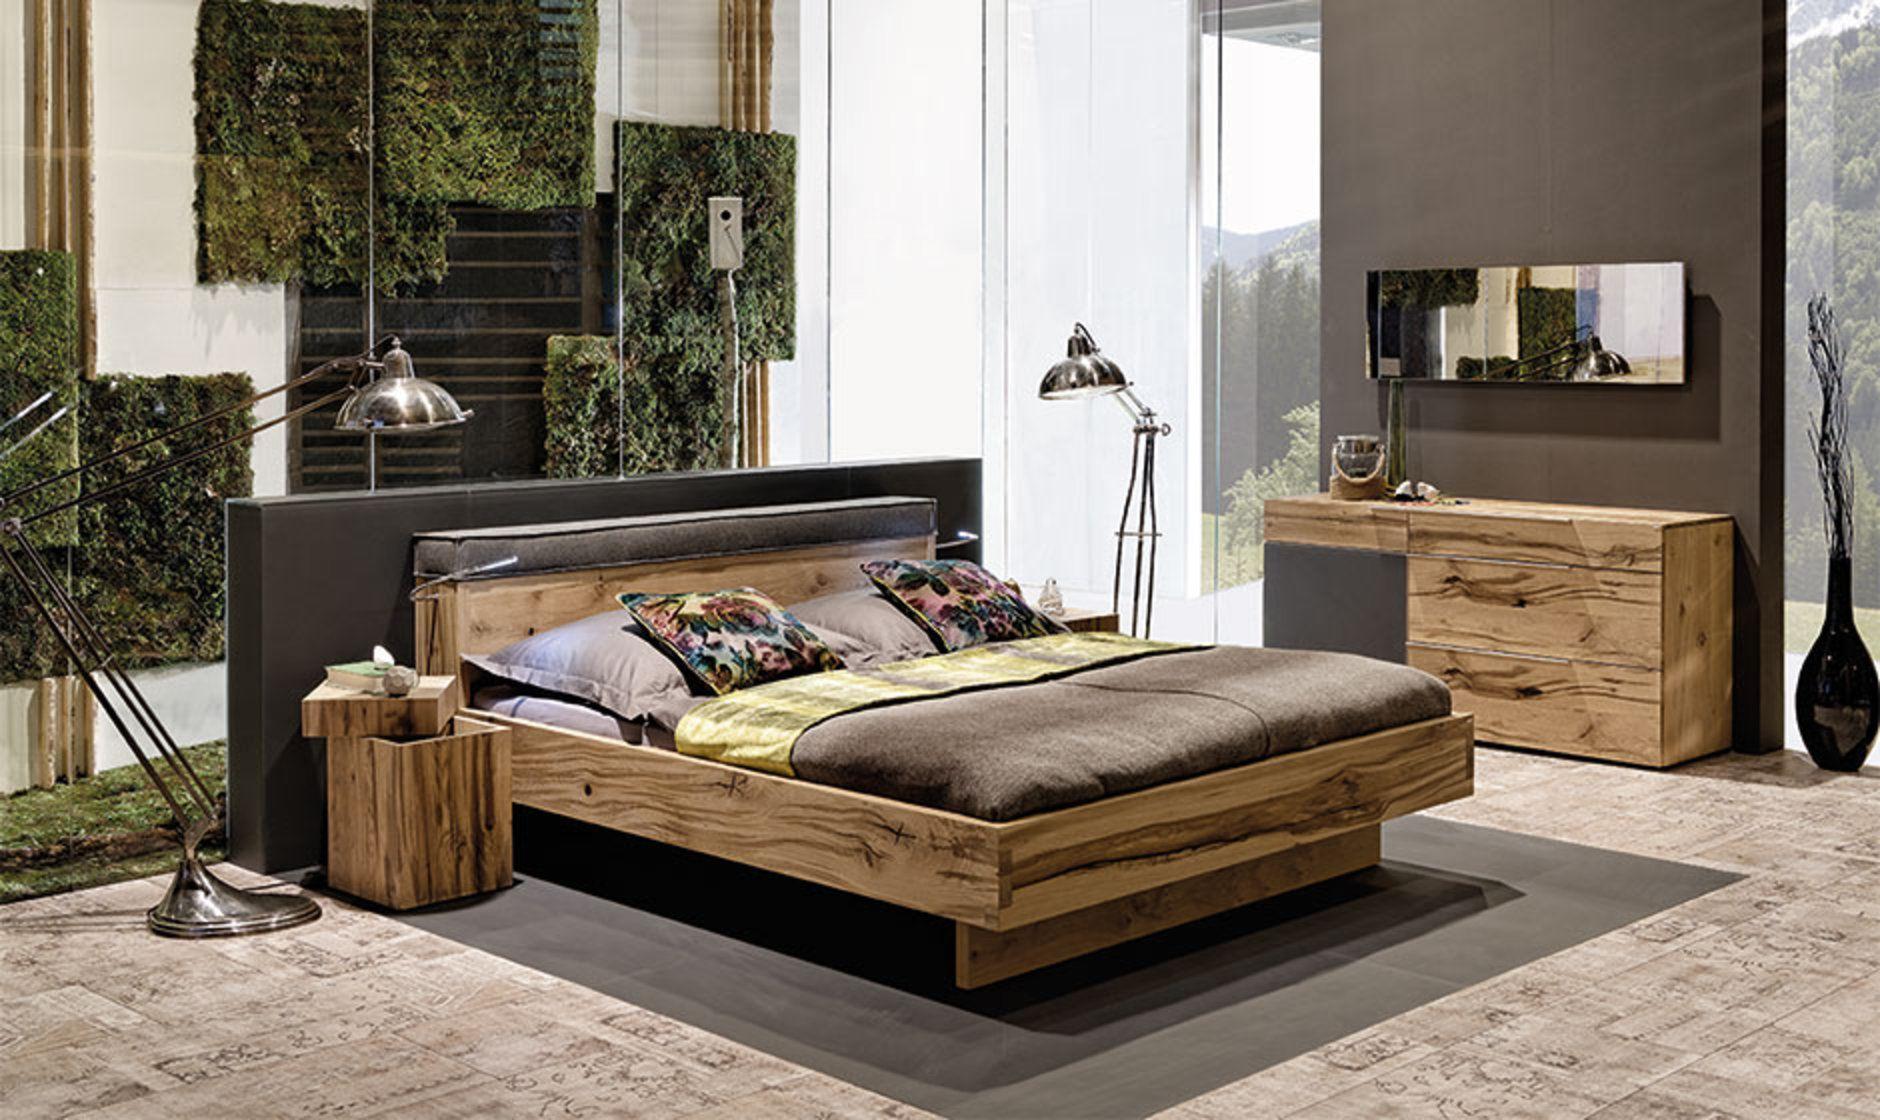 Voglauer Schlafzimmer ~ V pur u schlafzimmer naturholzmöbel in eiche altholz